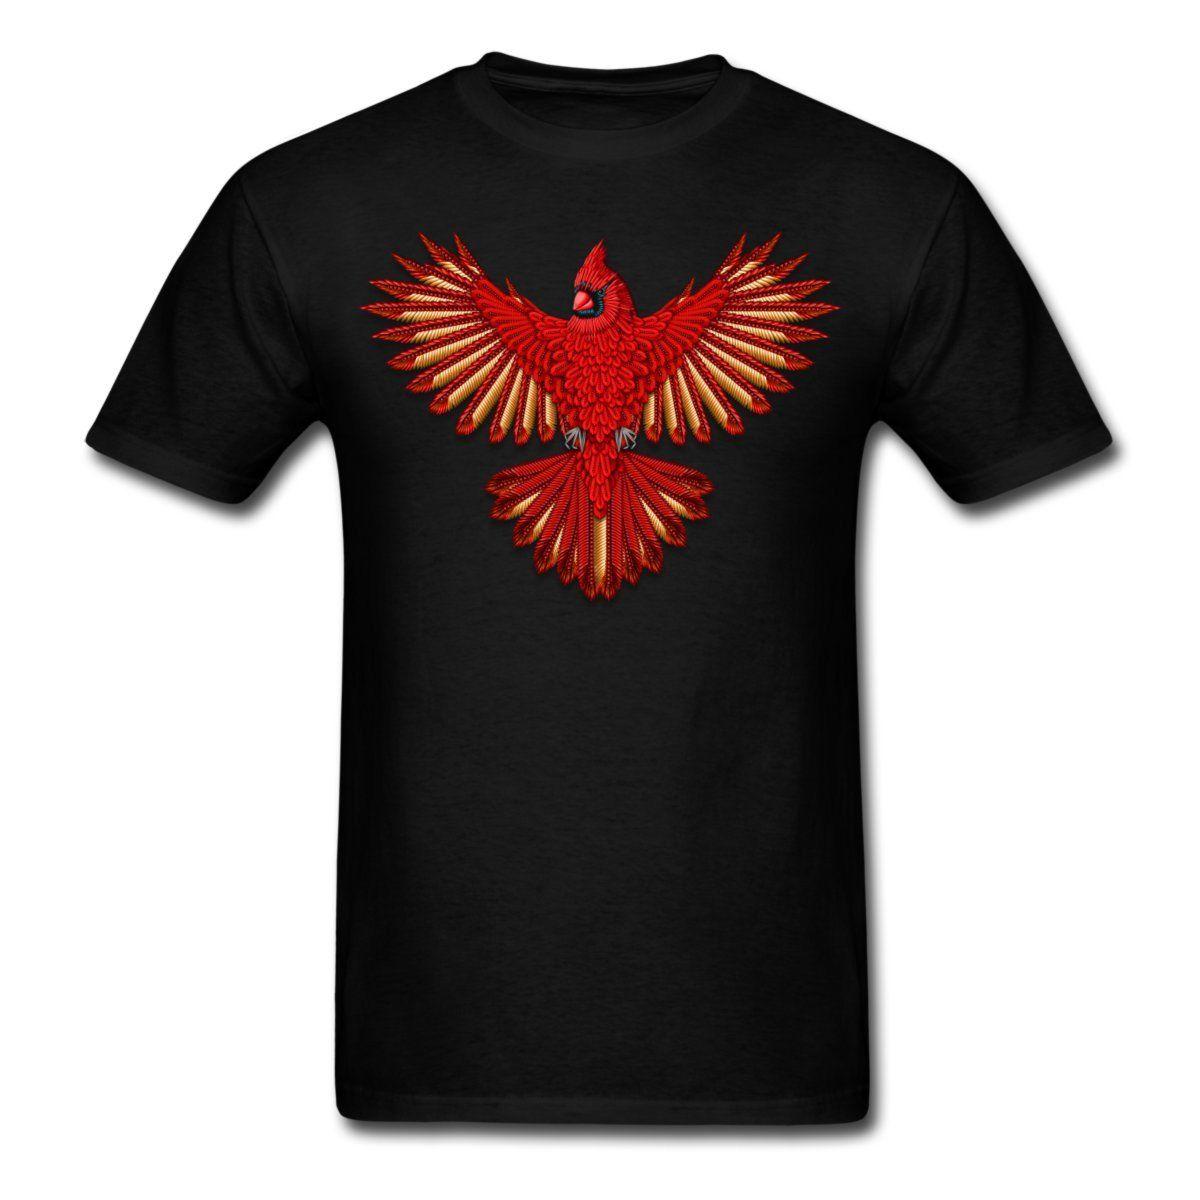 Online Get Cheap Cardinals T Shirts -Aliexpress.com | Alibaba Group